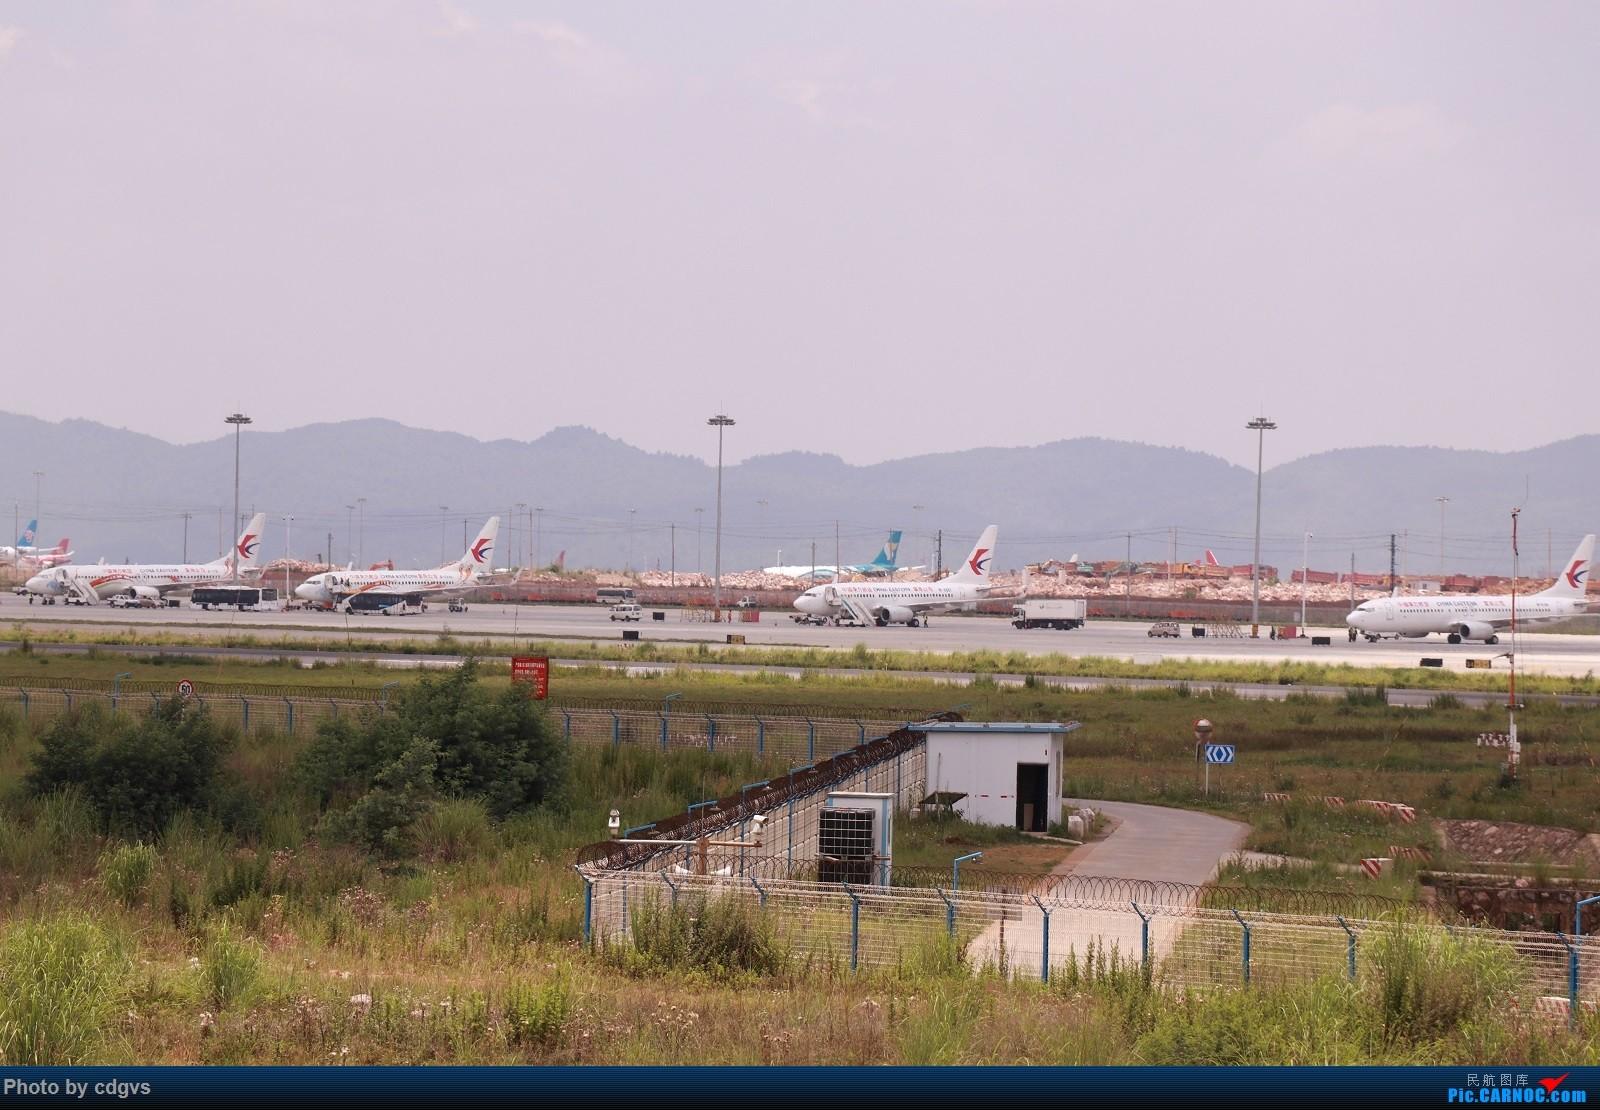 Re:[原创]【KMG】昆明的一天 1600大图 一次看个爽    中国昆明长水国际机场